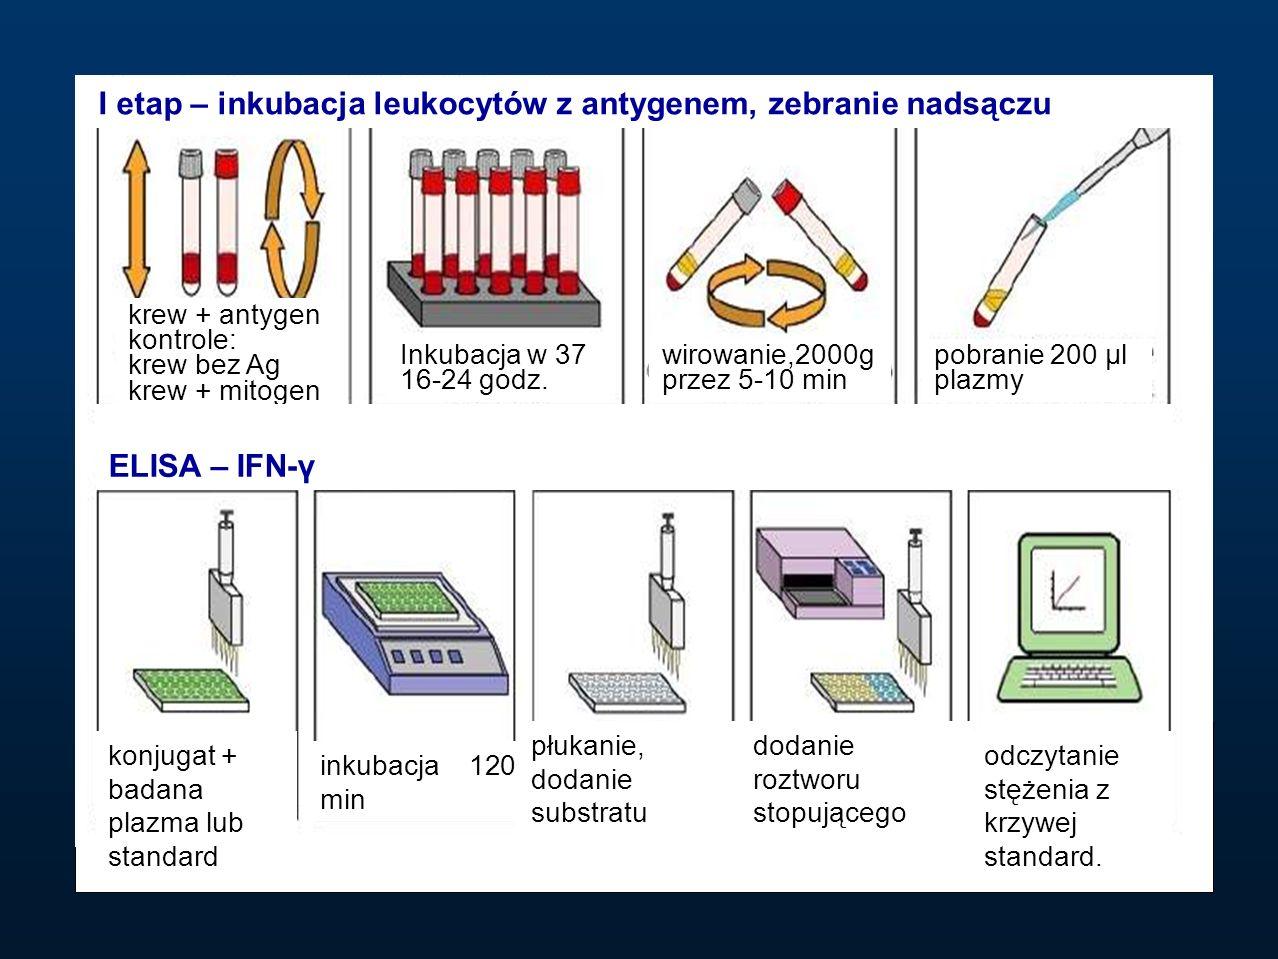 I etap – inkubacja leukocytów z antygenem, zebranie nadsączu ELISA – IFN-γ krew + antygen kontrole: krew bez Ag krew + mitogen Inkubacja w 37 16-24 go